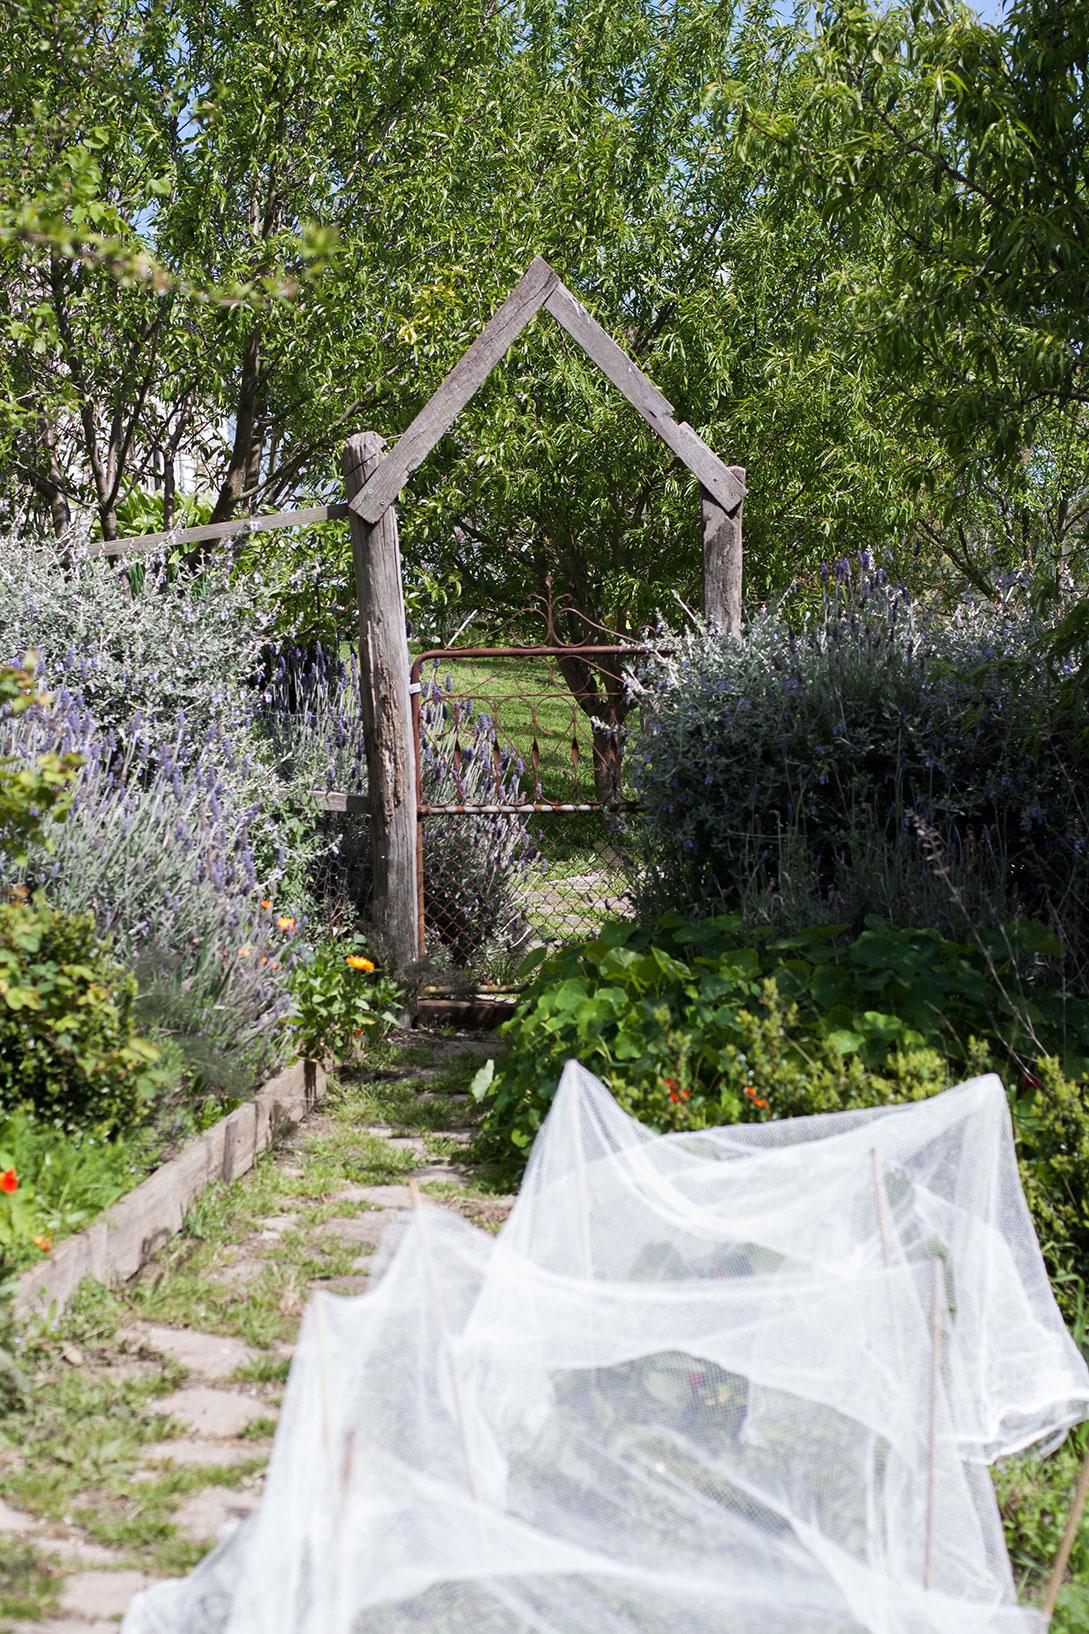 tamsins table garden